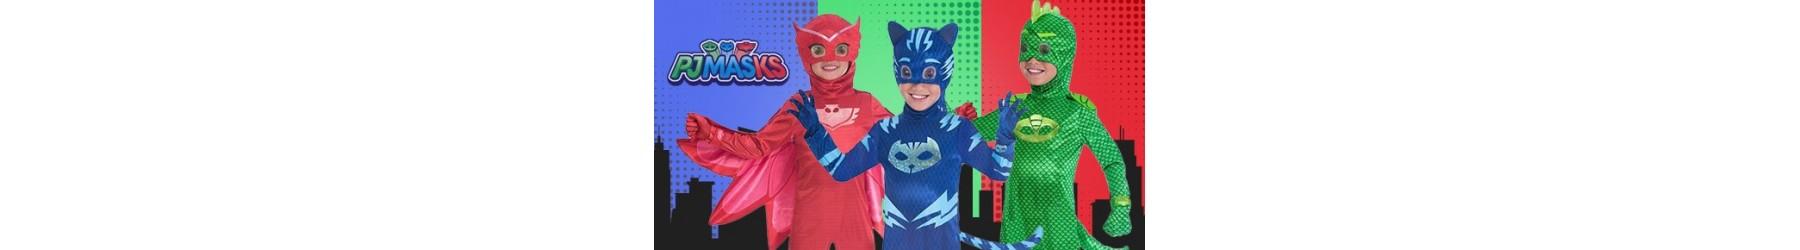 Στολές Πυτζαμοήρωες - PJ MAKS . Gekko, Catboy, Owlette